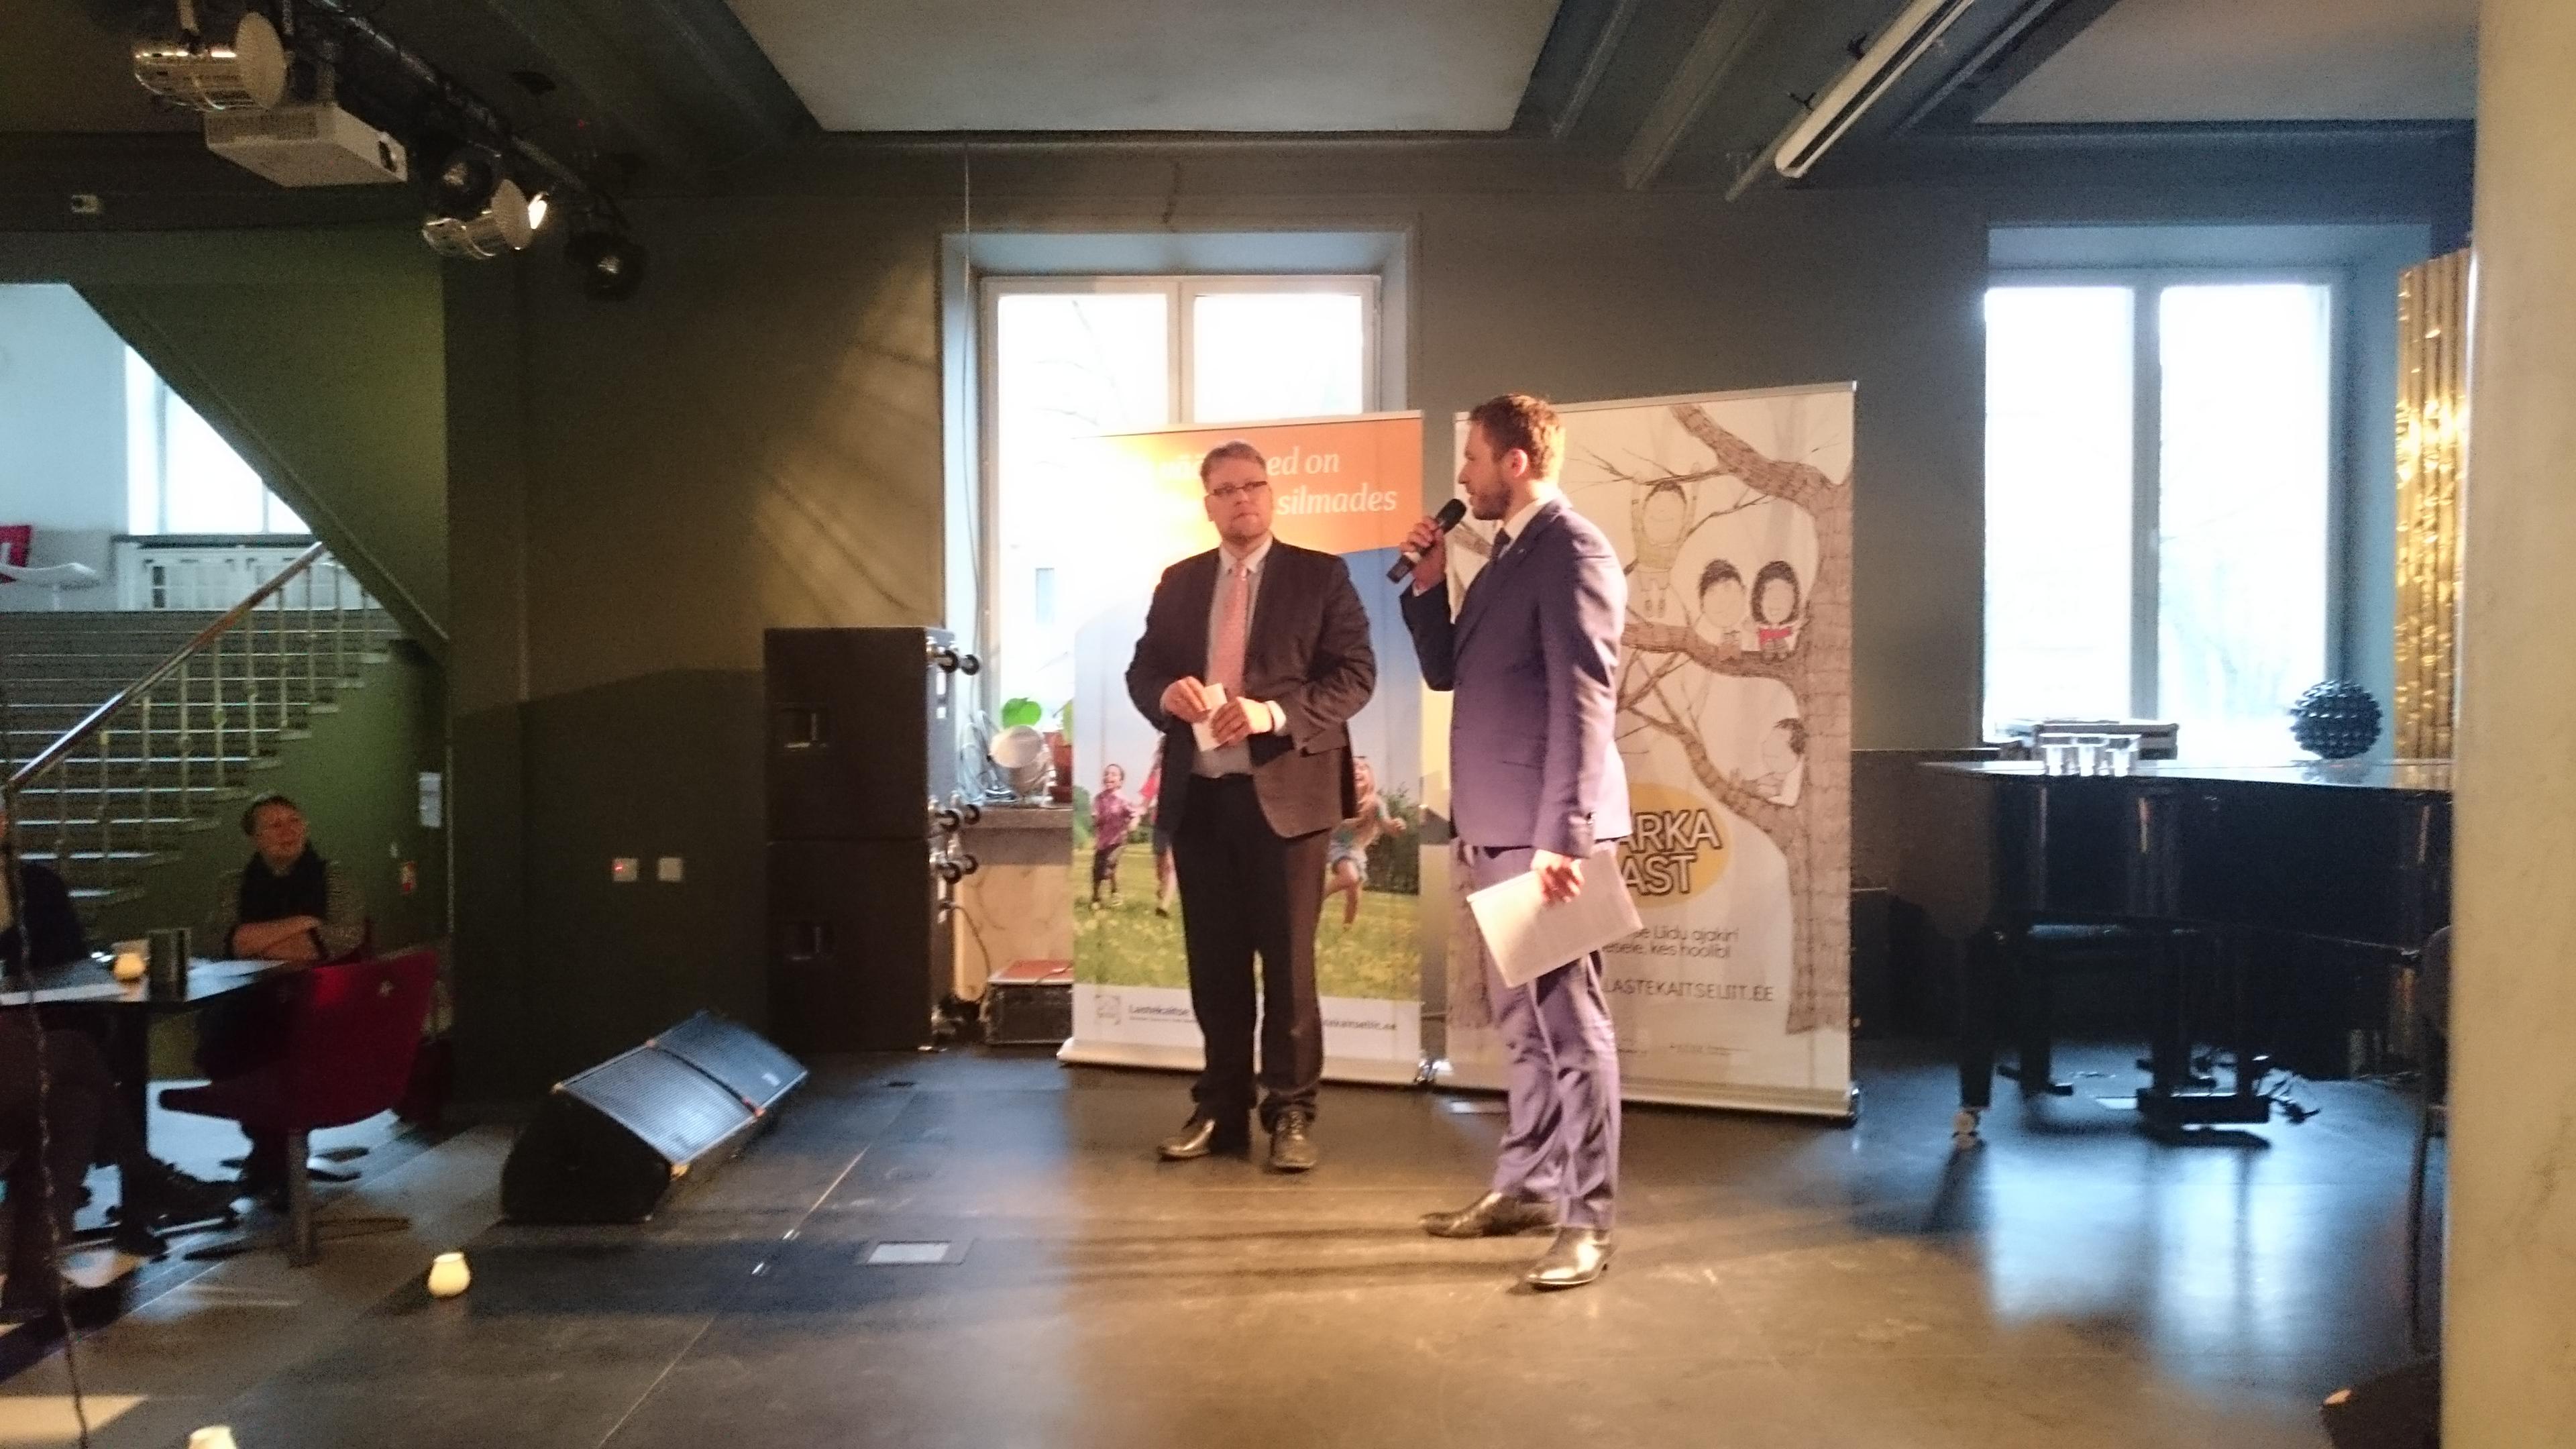 Lastekaitse Liidu juhataja Martin Medar ja Sotsiaalkaitseminister Margus Tsahkna alternatiivraporti üleandmisel